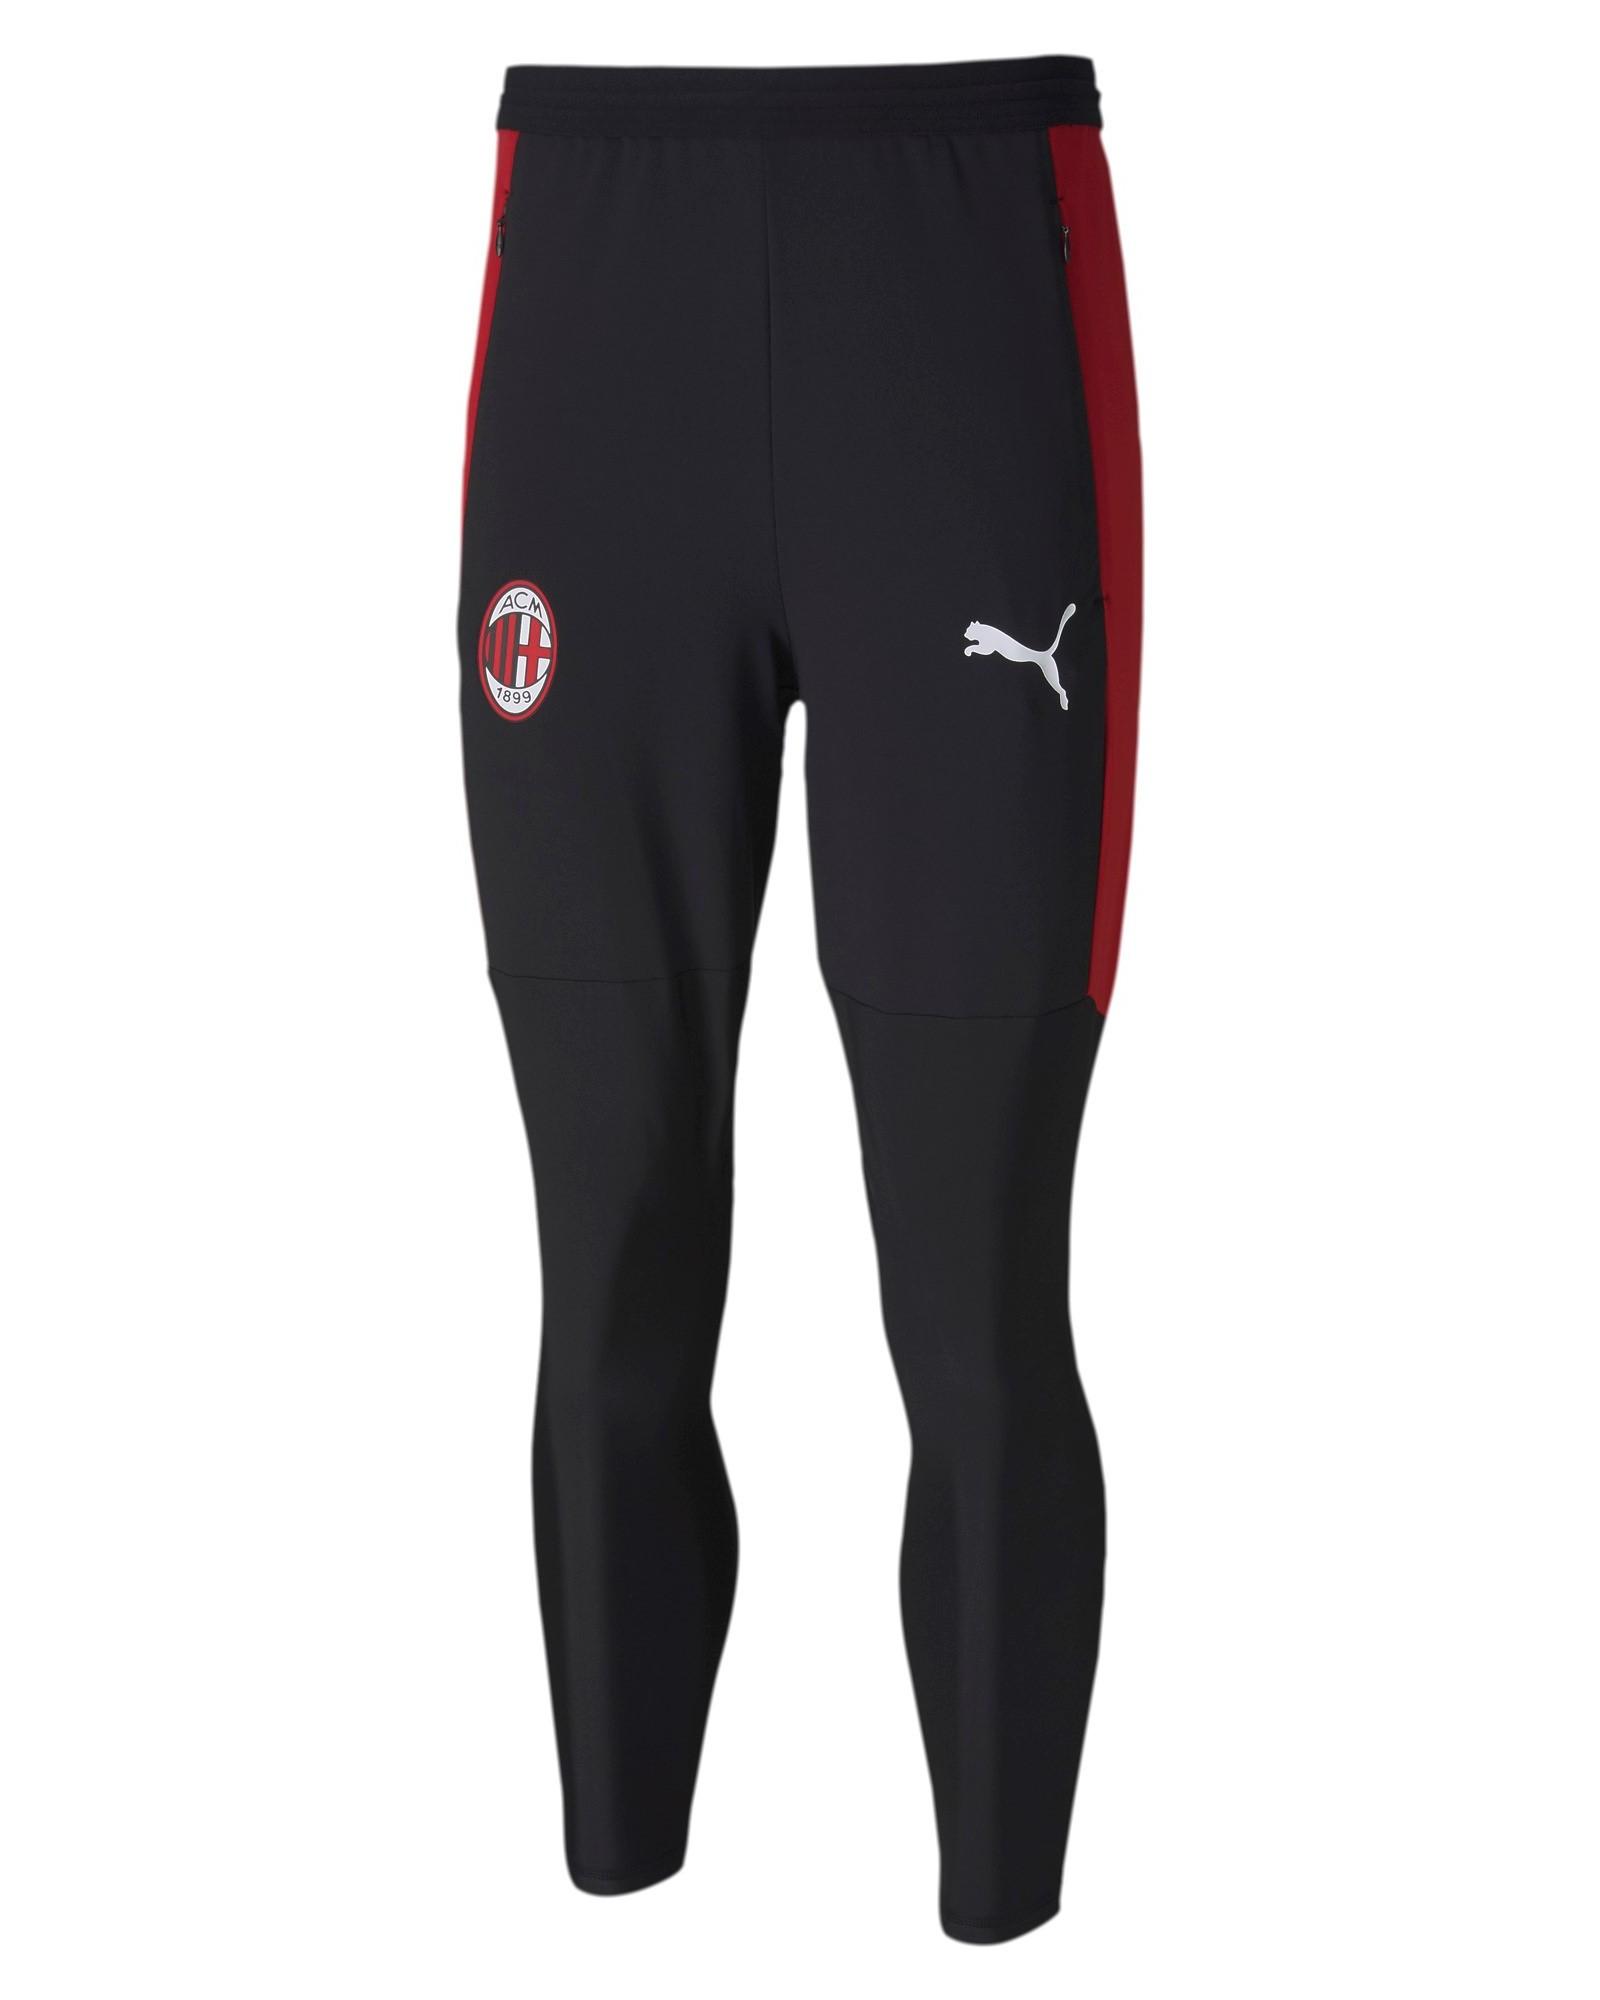 Ac Milan Puma Pantaloni tuta training PRO stadium Nero 2020 21 0